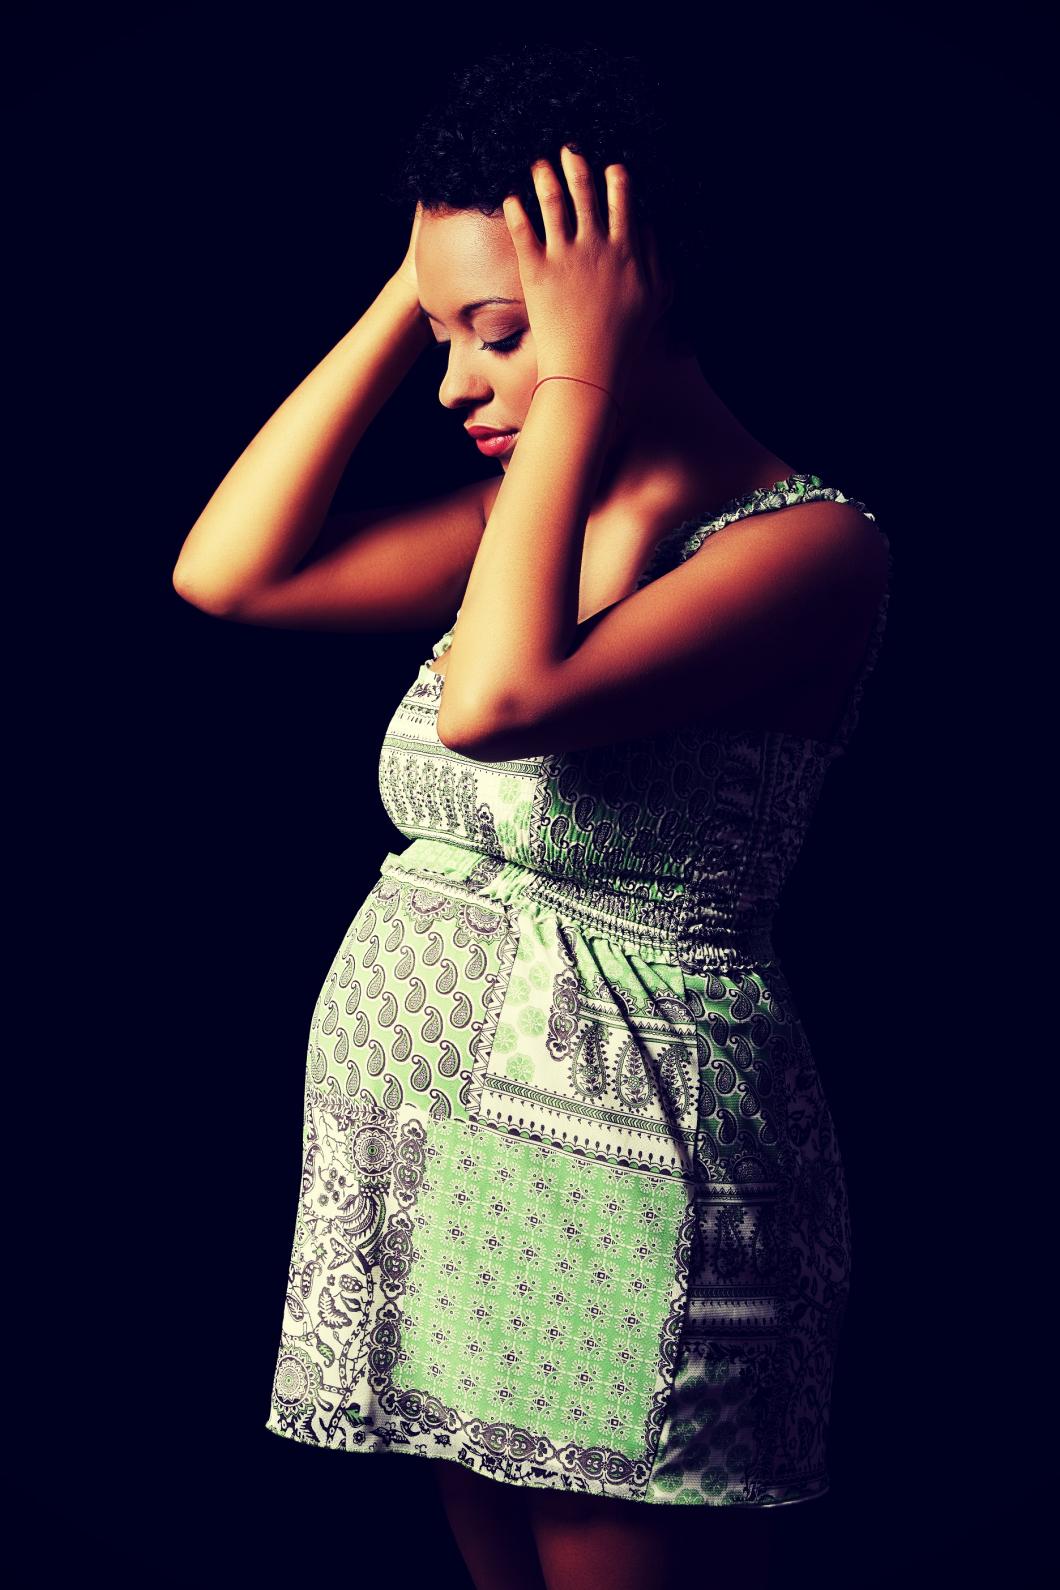 Huvudvärk under graviditet kräver vaksamhet